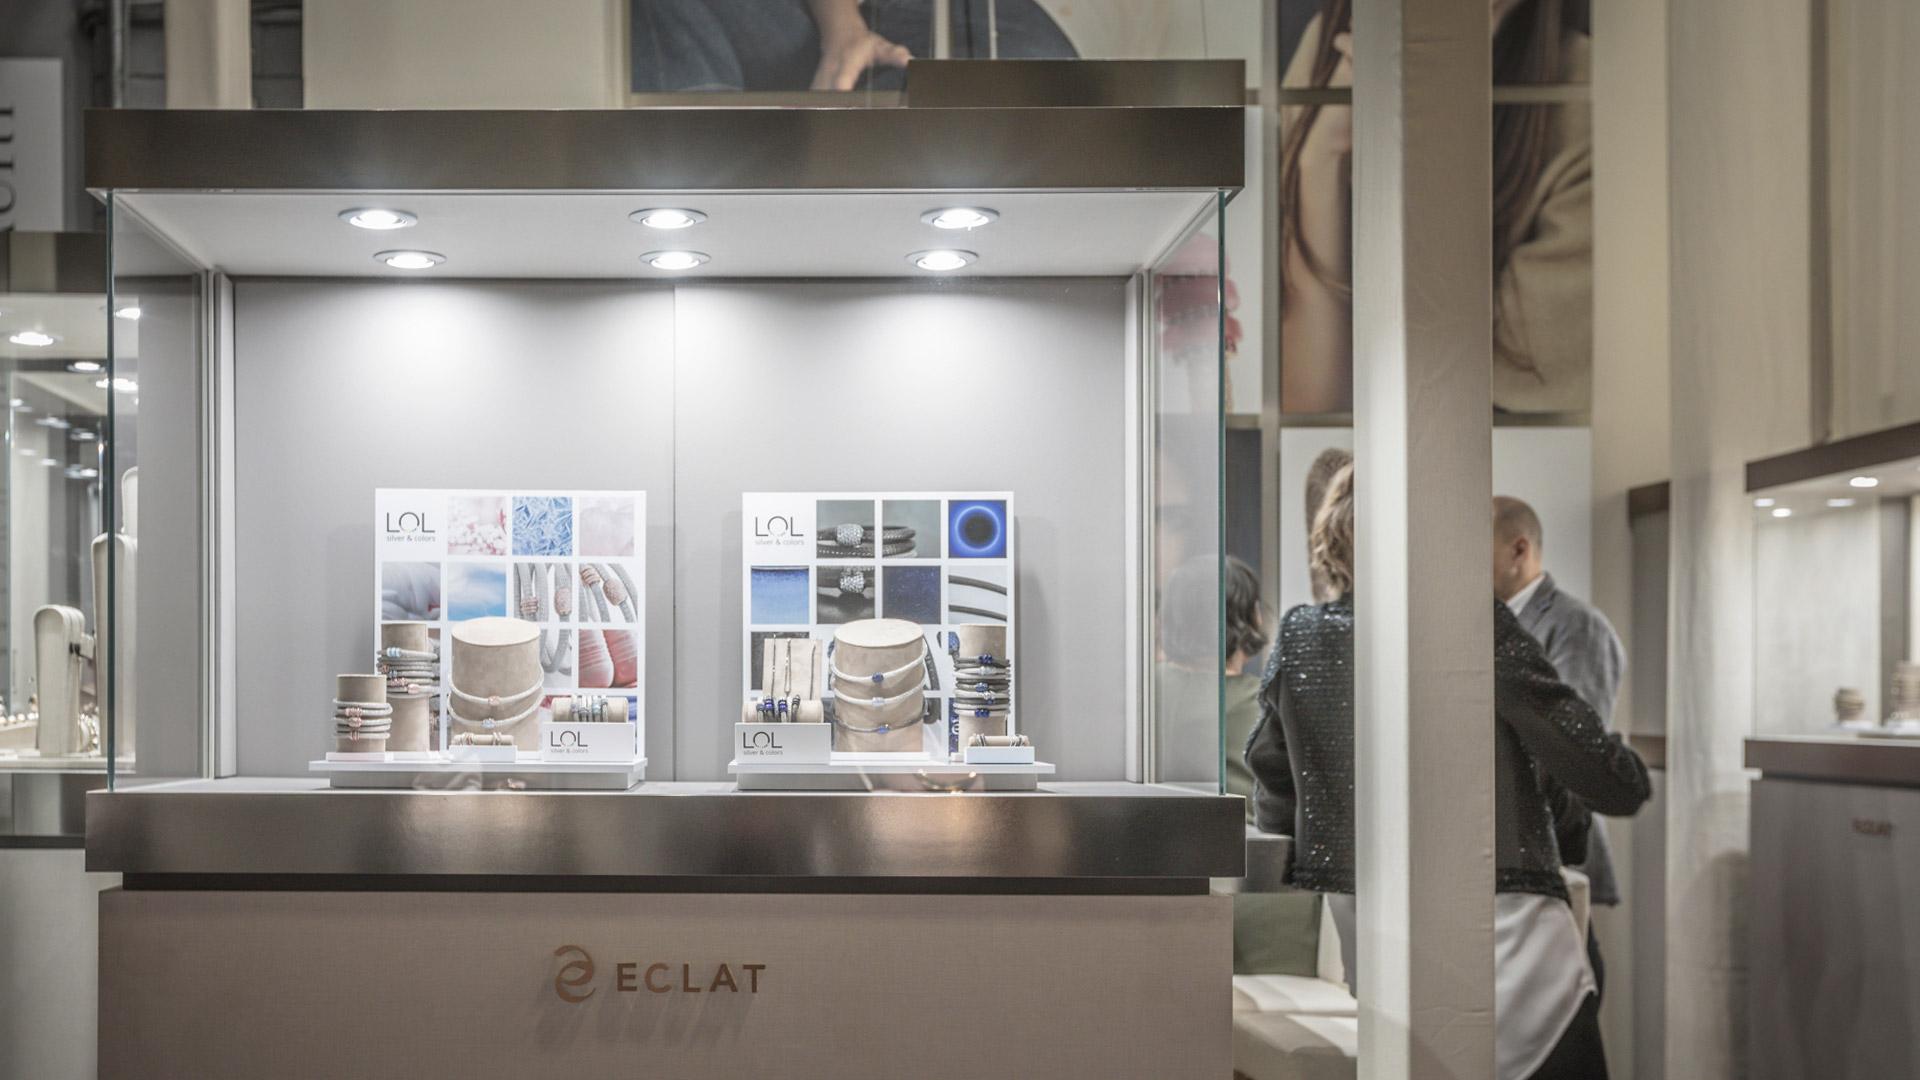 Realizzazione stand fiere VicenzaOro - Eclat | Foster Allestimenti 05